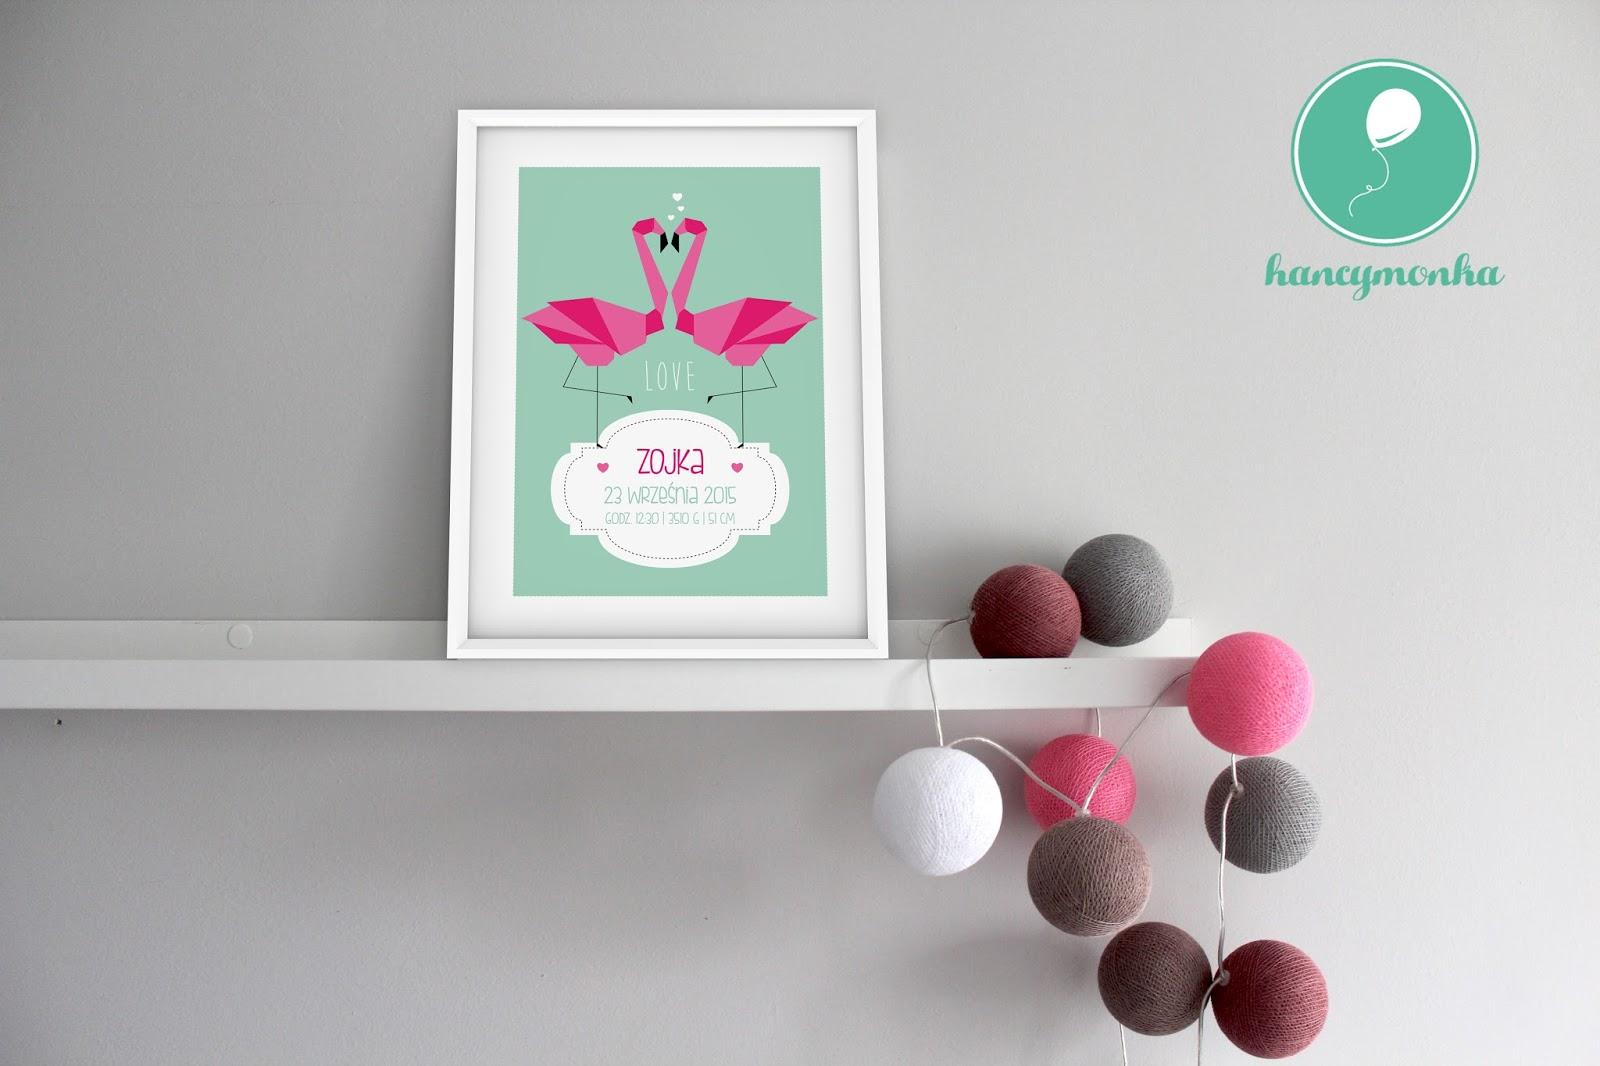 personalizowana metryczka, prezent na narodziny, metryczka, obrazek, grafika, ilustracja, hancymonka, dla dziecka, pokój dziecięcy, dekoracja, pamiątka, birth announcement, birth infographic, birth prints